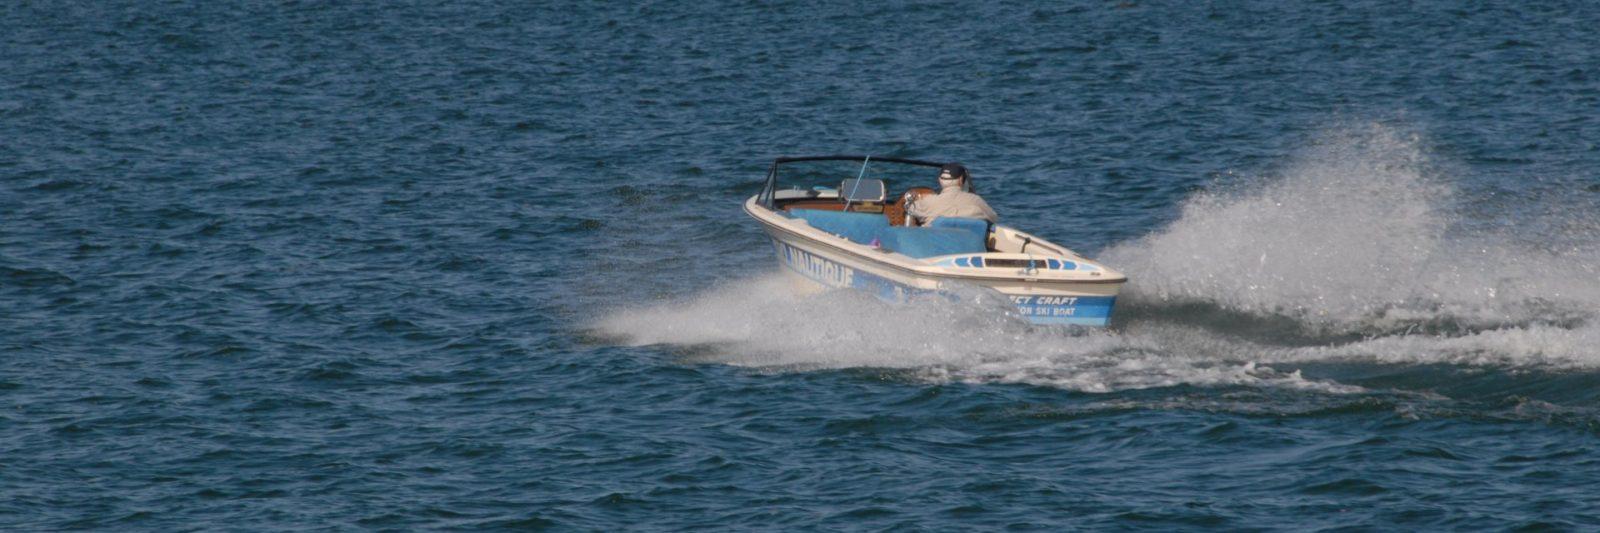 boat on lake image